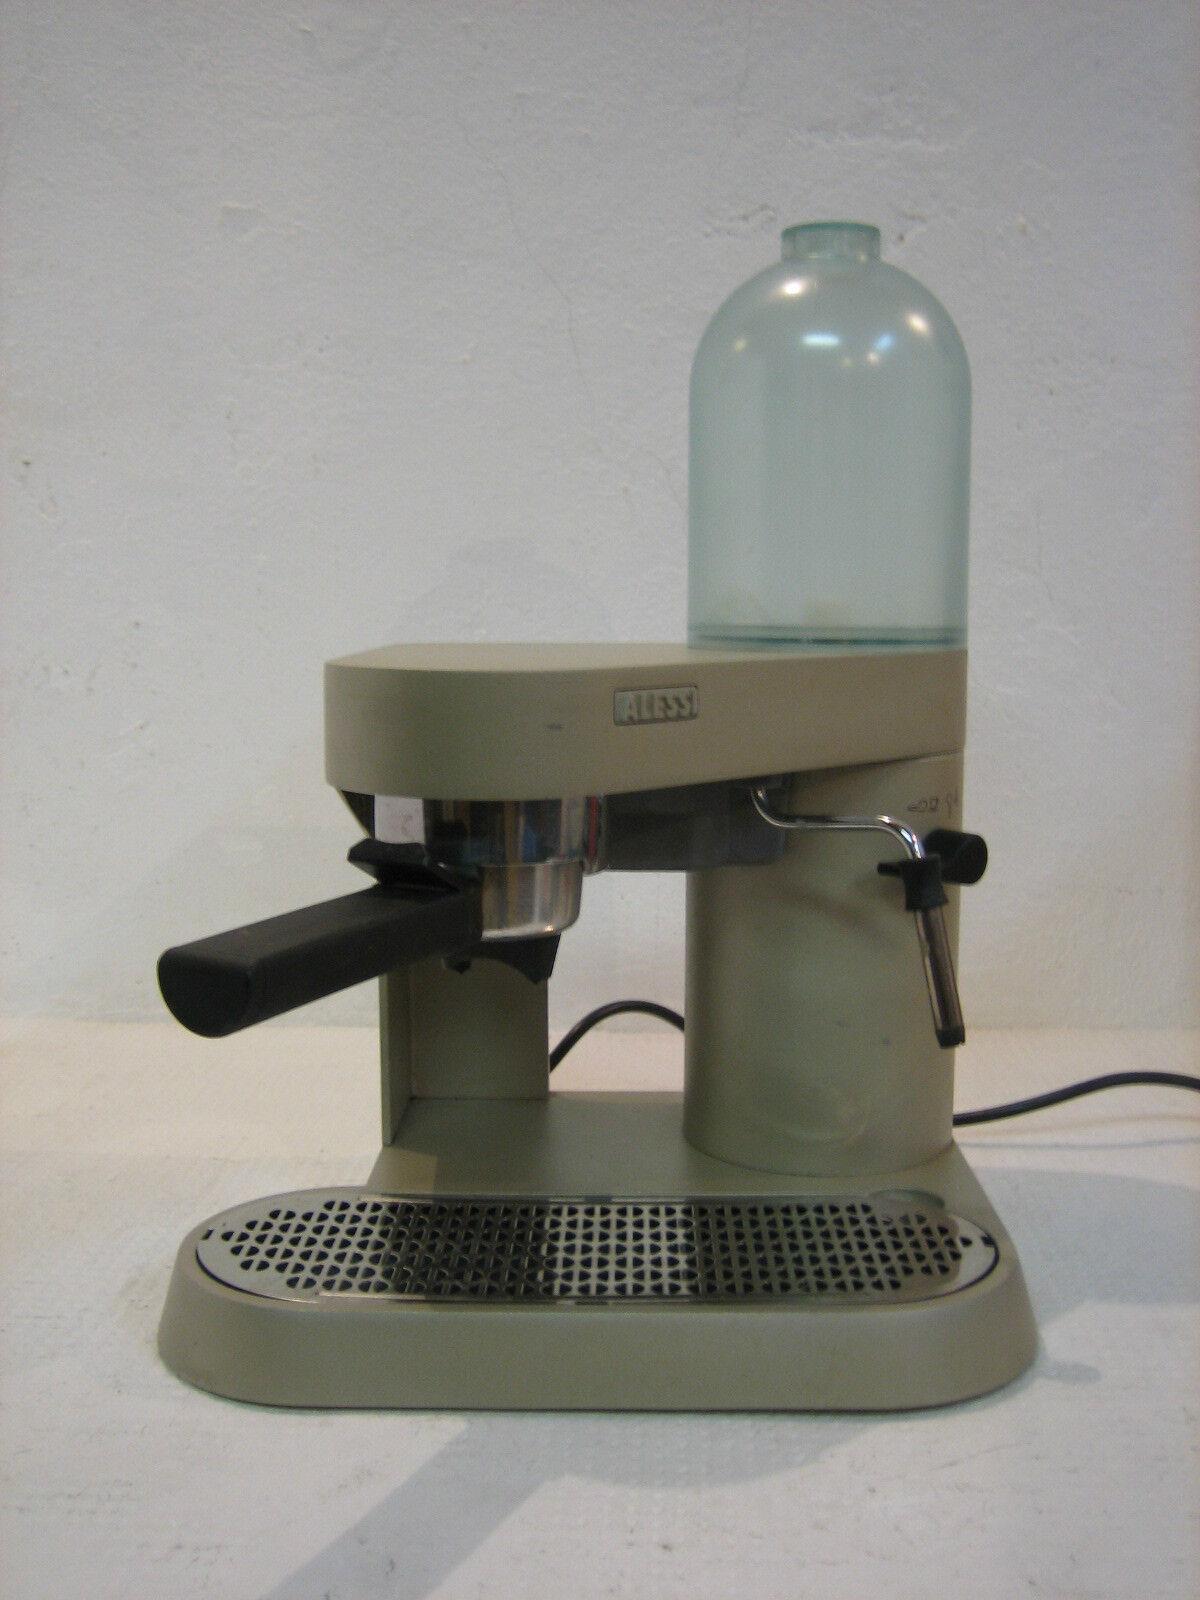 alessi macchina per caff espresso coban sapper